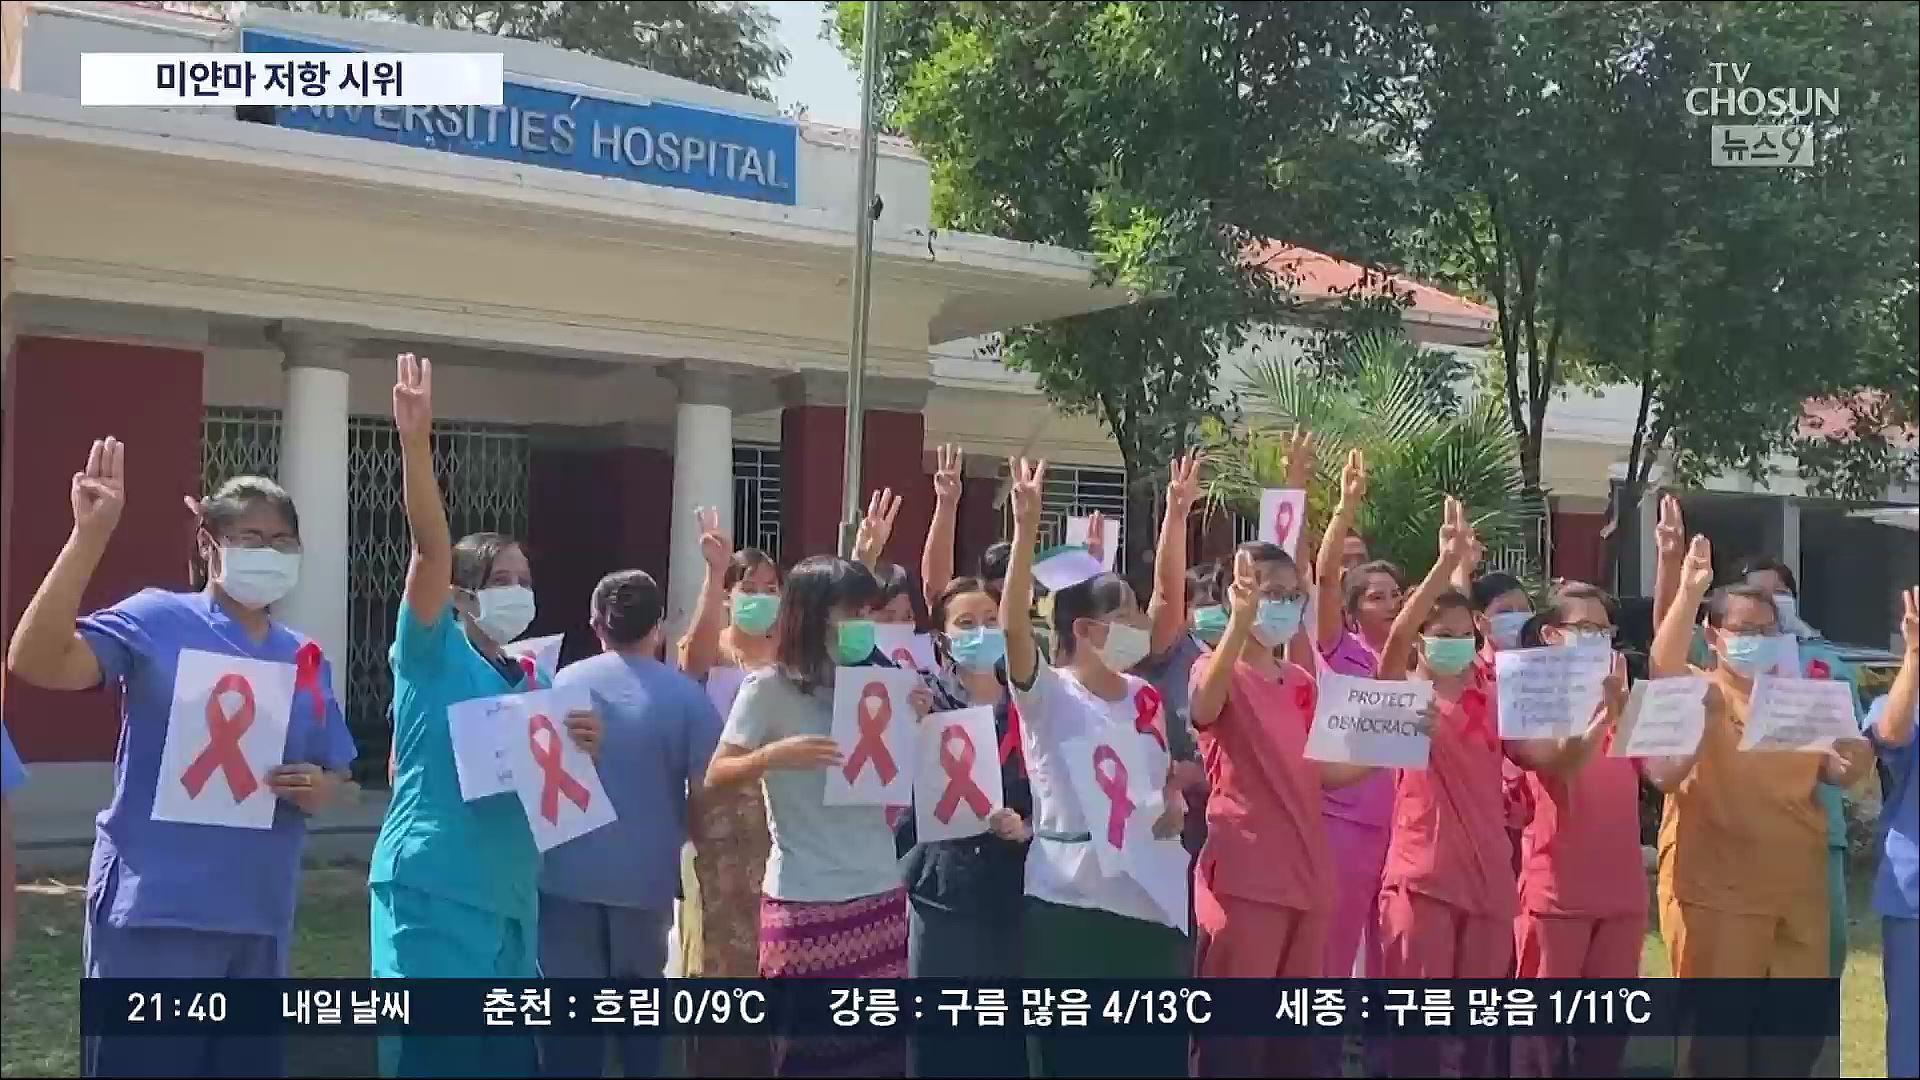 '불빛 모아 민중 가요' 미얀마 反쿠데타 거리시위 확산